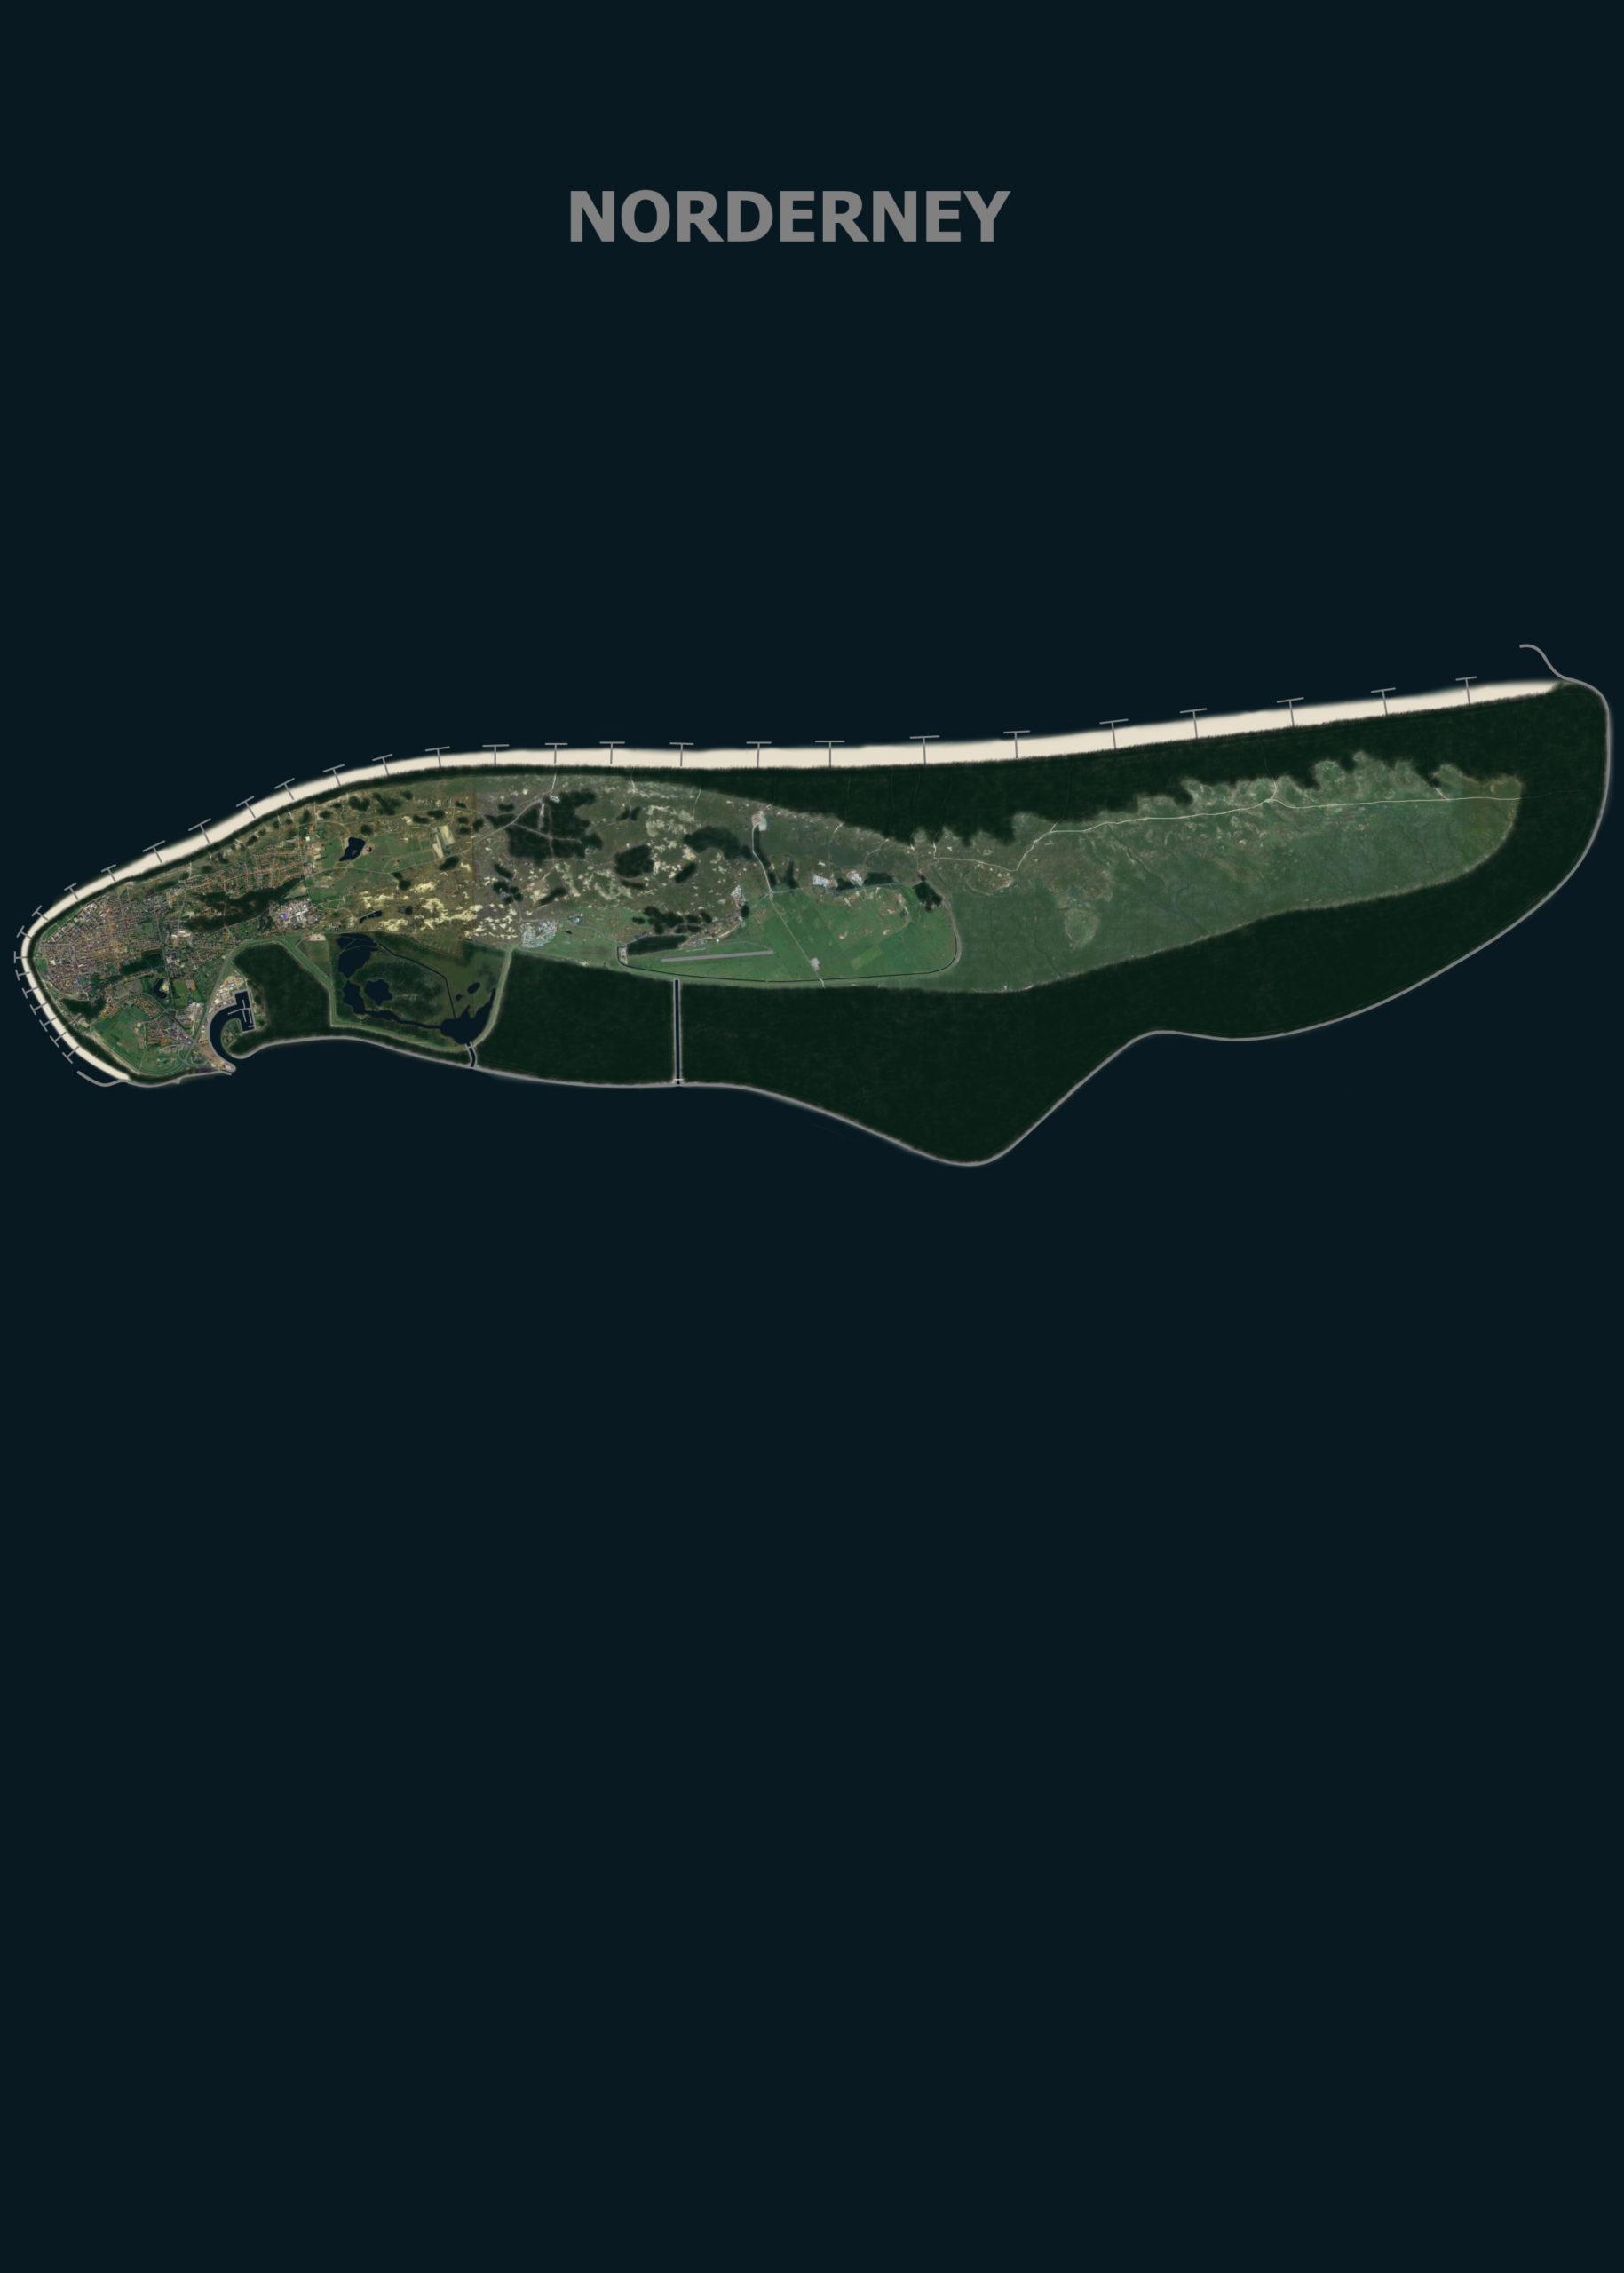 Norderney, landgewinnung, küstenschutz, insel, eindeichung, naturschutz, sturmflut, vergrößerung